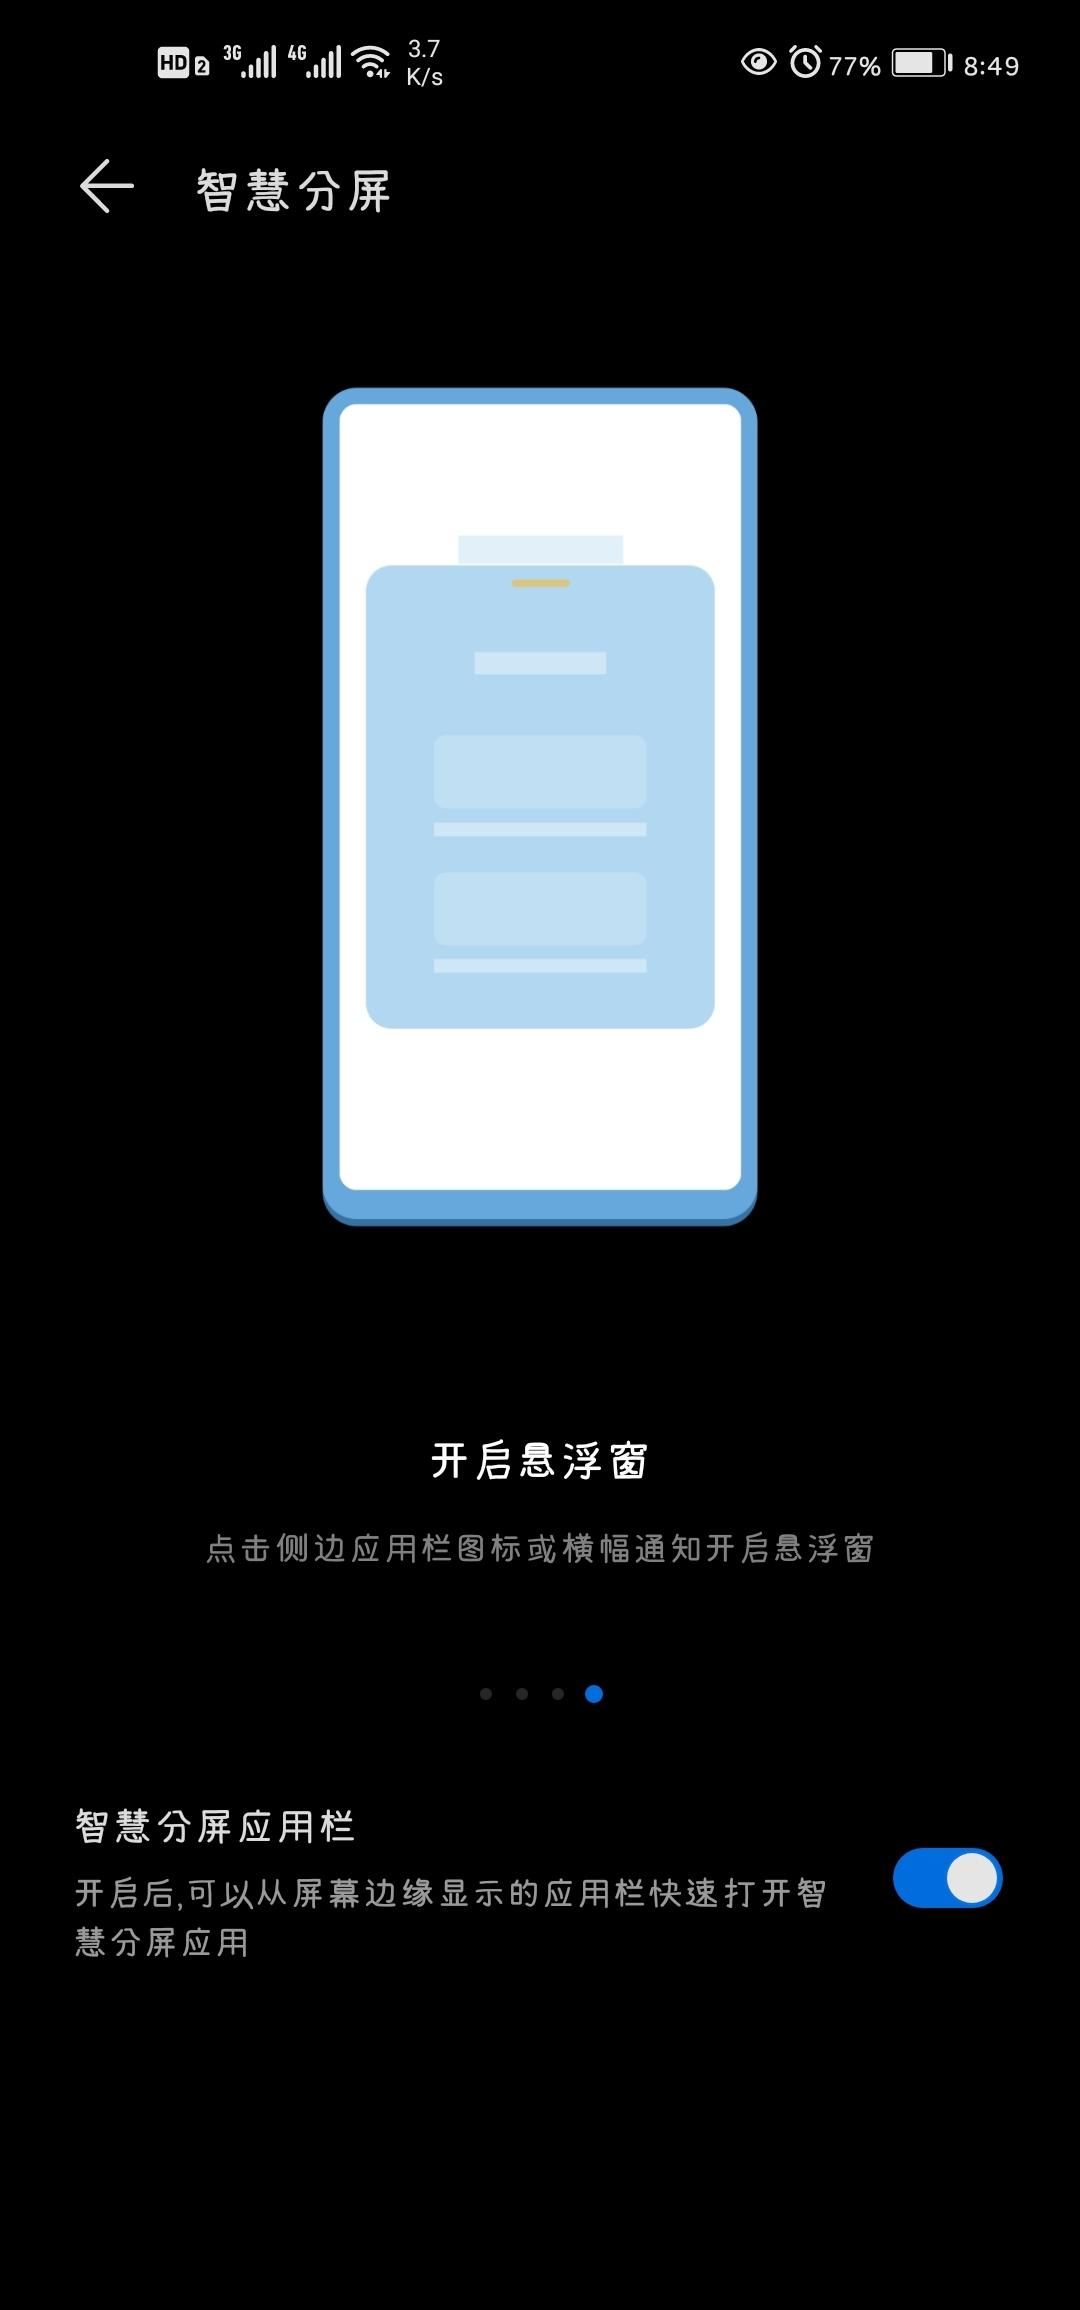 Screenshot_20200514_084925_com.huawei.hwdockbar.jpg